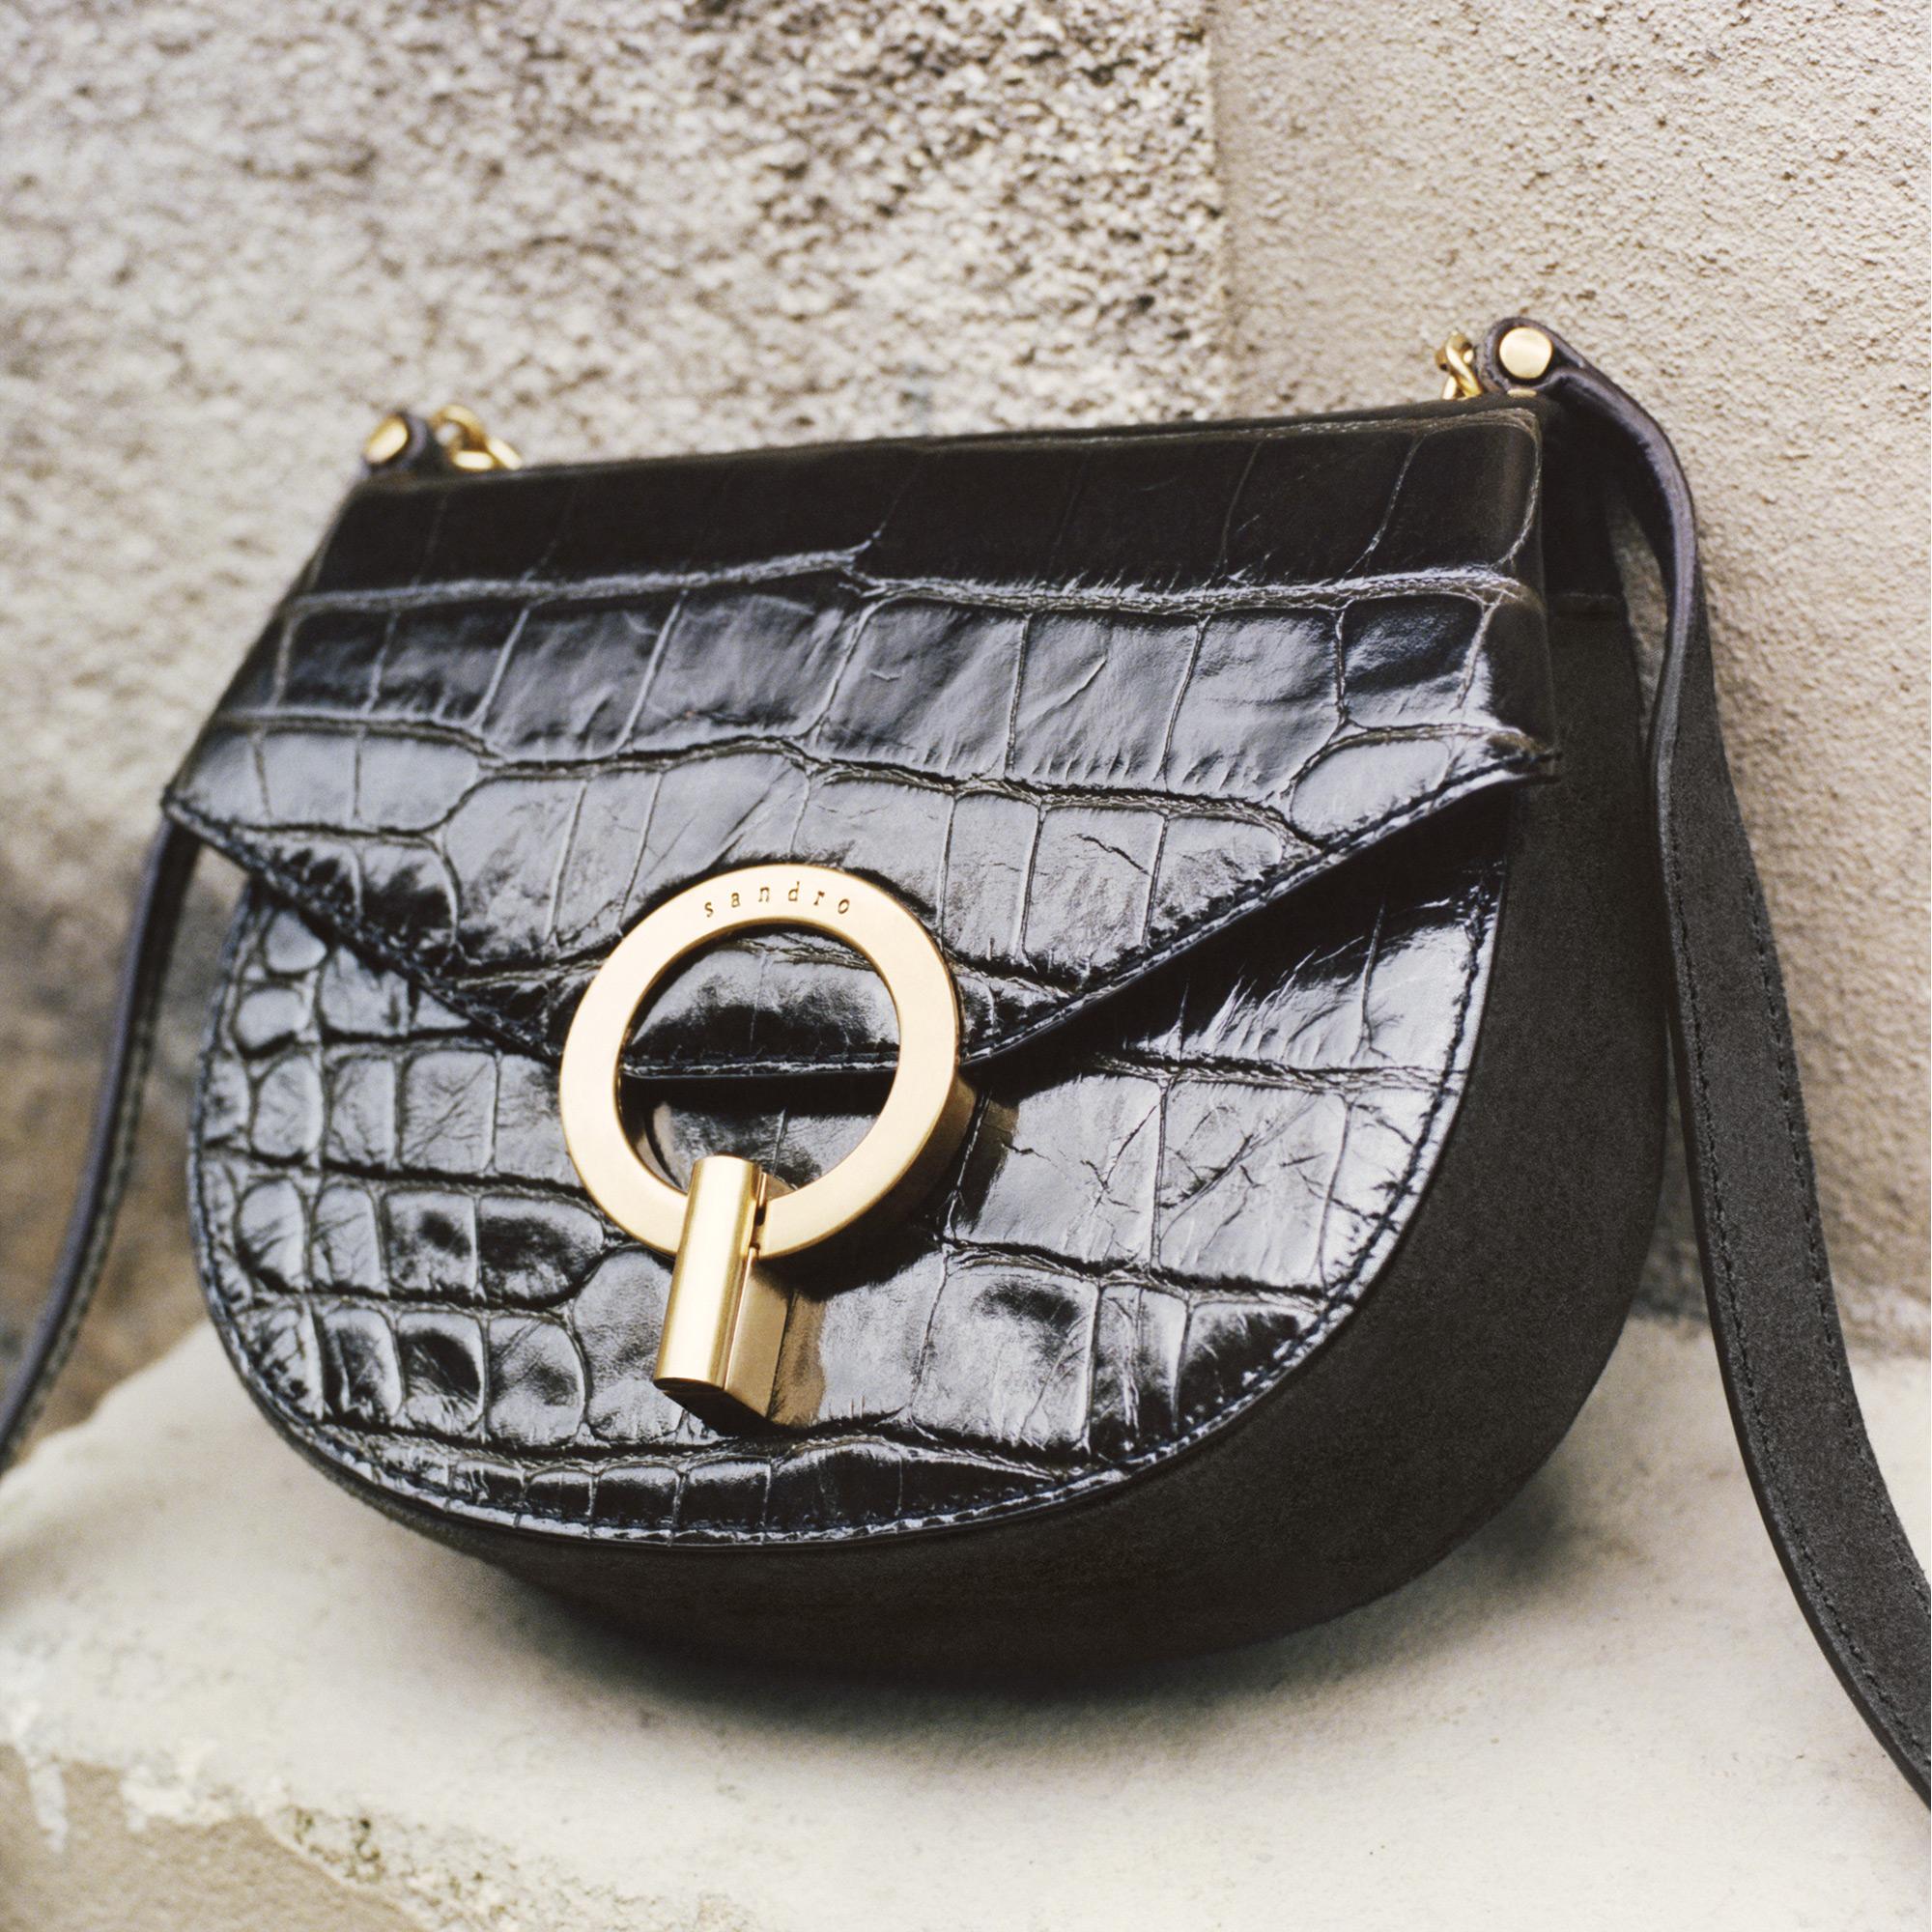 cc0318edbb81 Pepita embossed leather bag